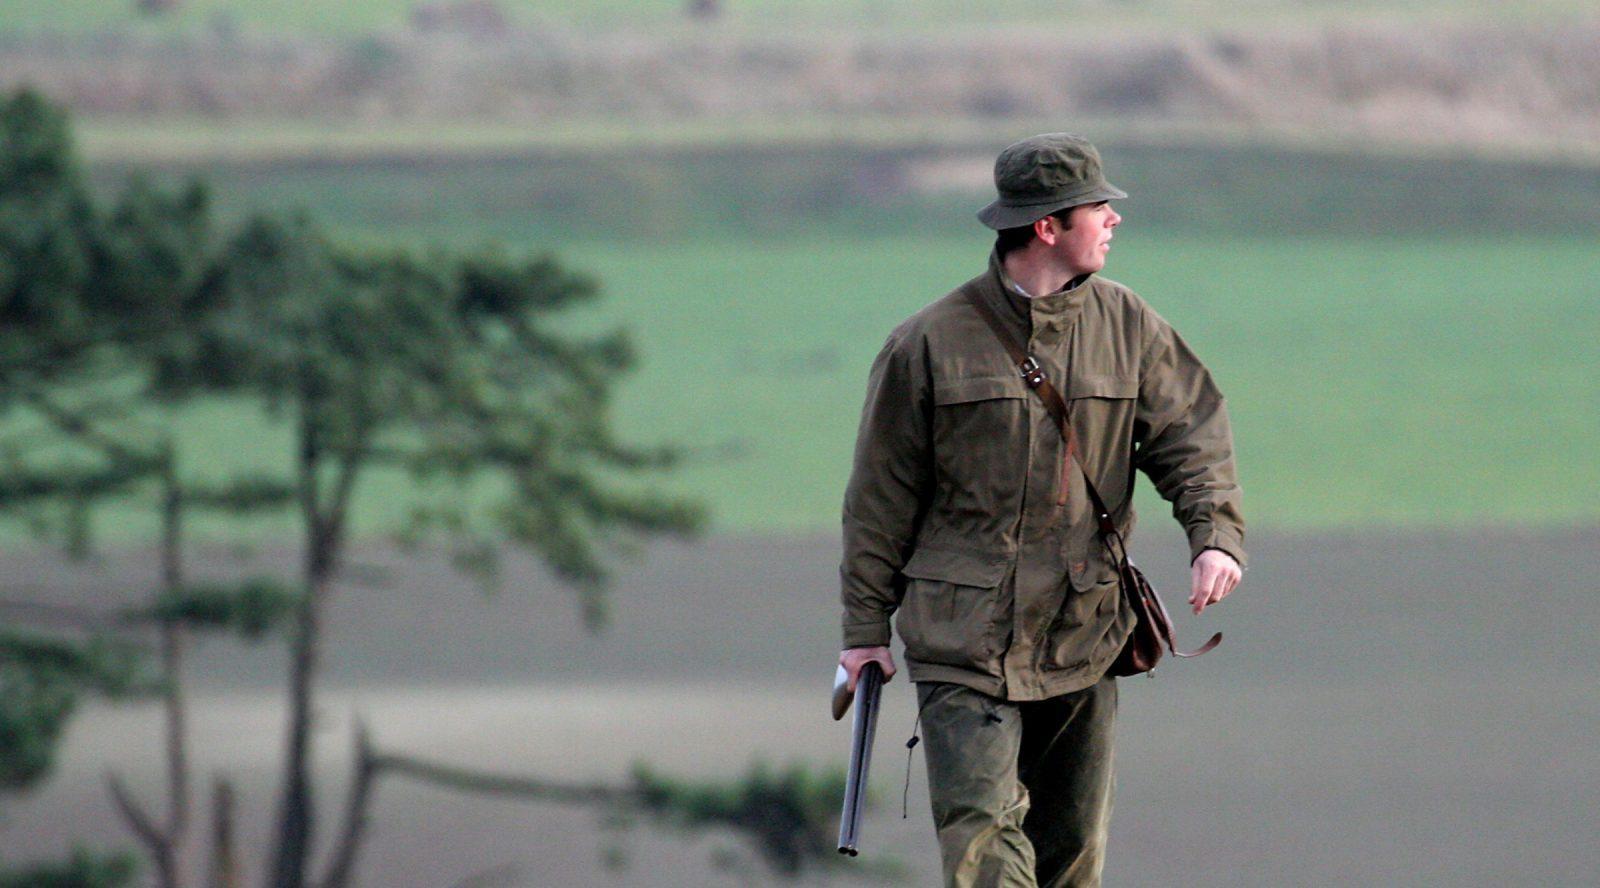 chasseur marche dans la campagne ruralité